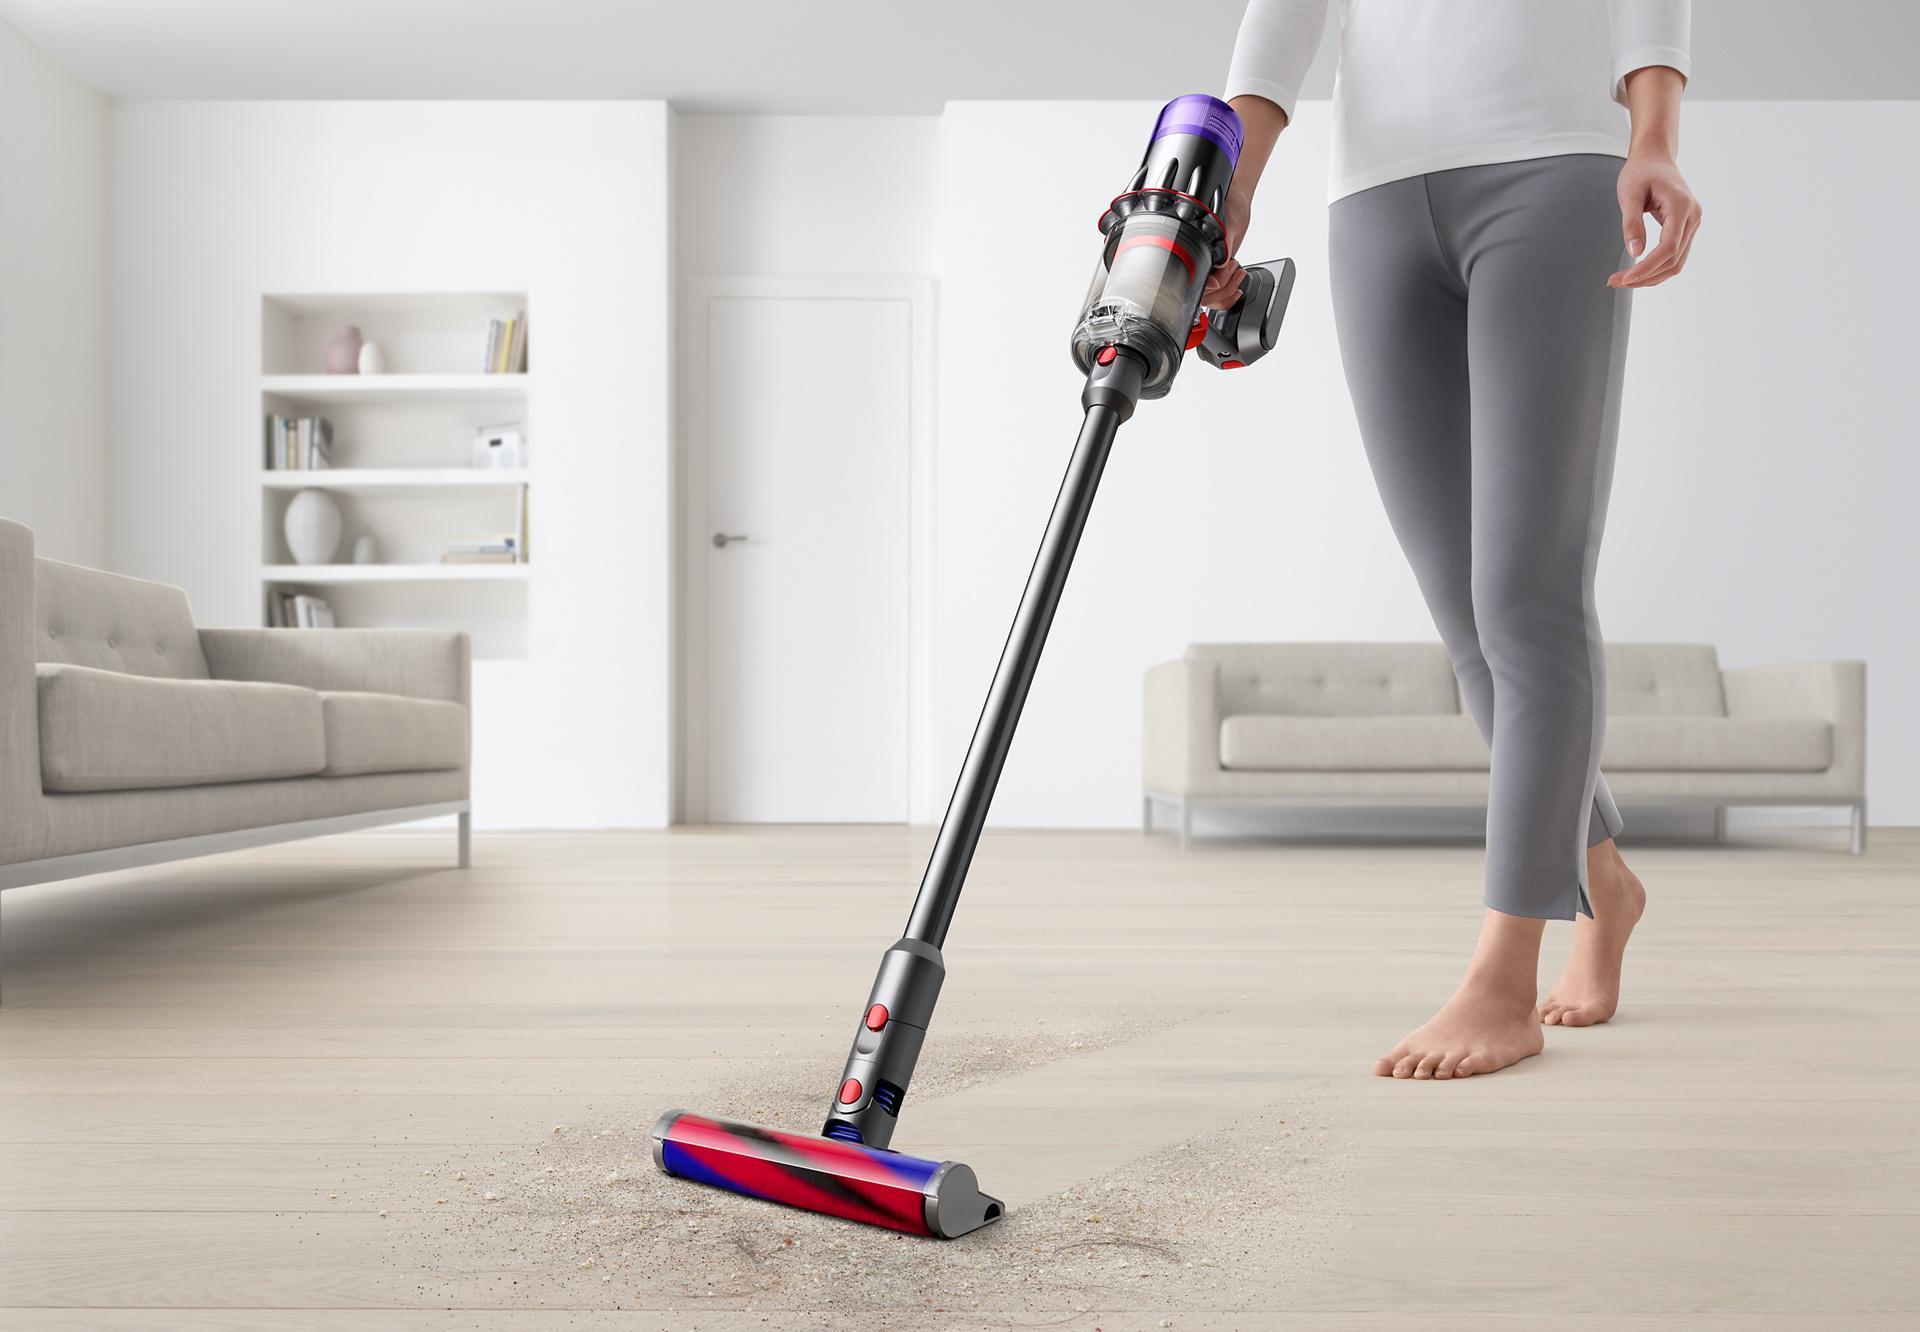 เครื่องดูดฝุ่น Dyson Digital Slim™ ทำความสะอาดพื้นแข็งหน้าประตูห้องนอน